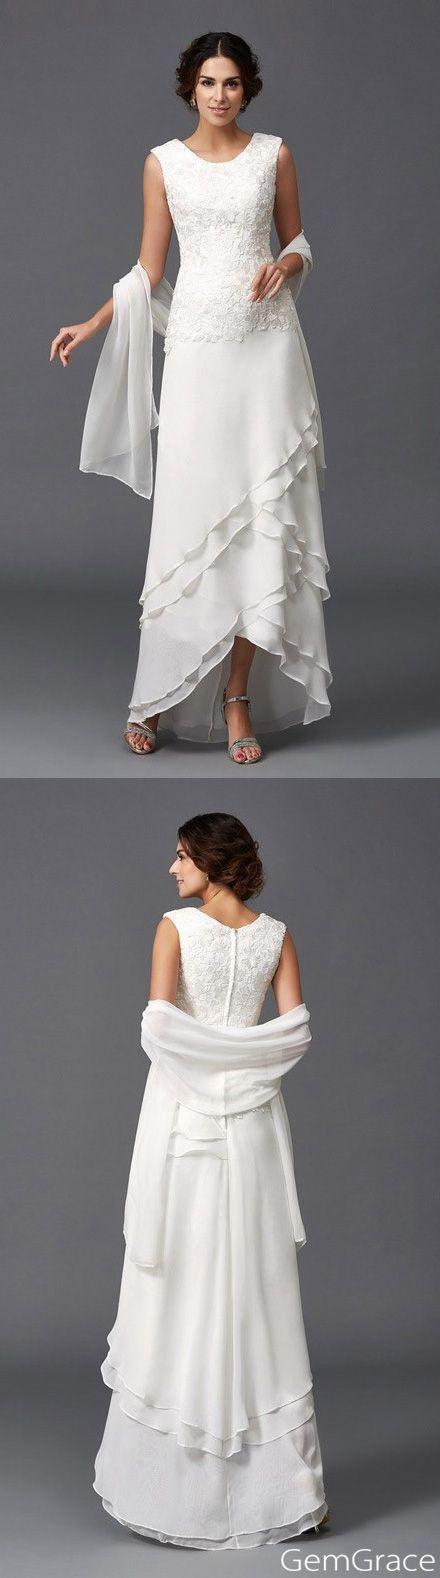 The 25 best older bride dresses ideas on pinterest for Elegant wedding dresses for mature brides